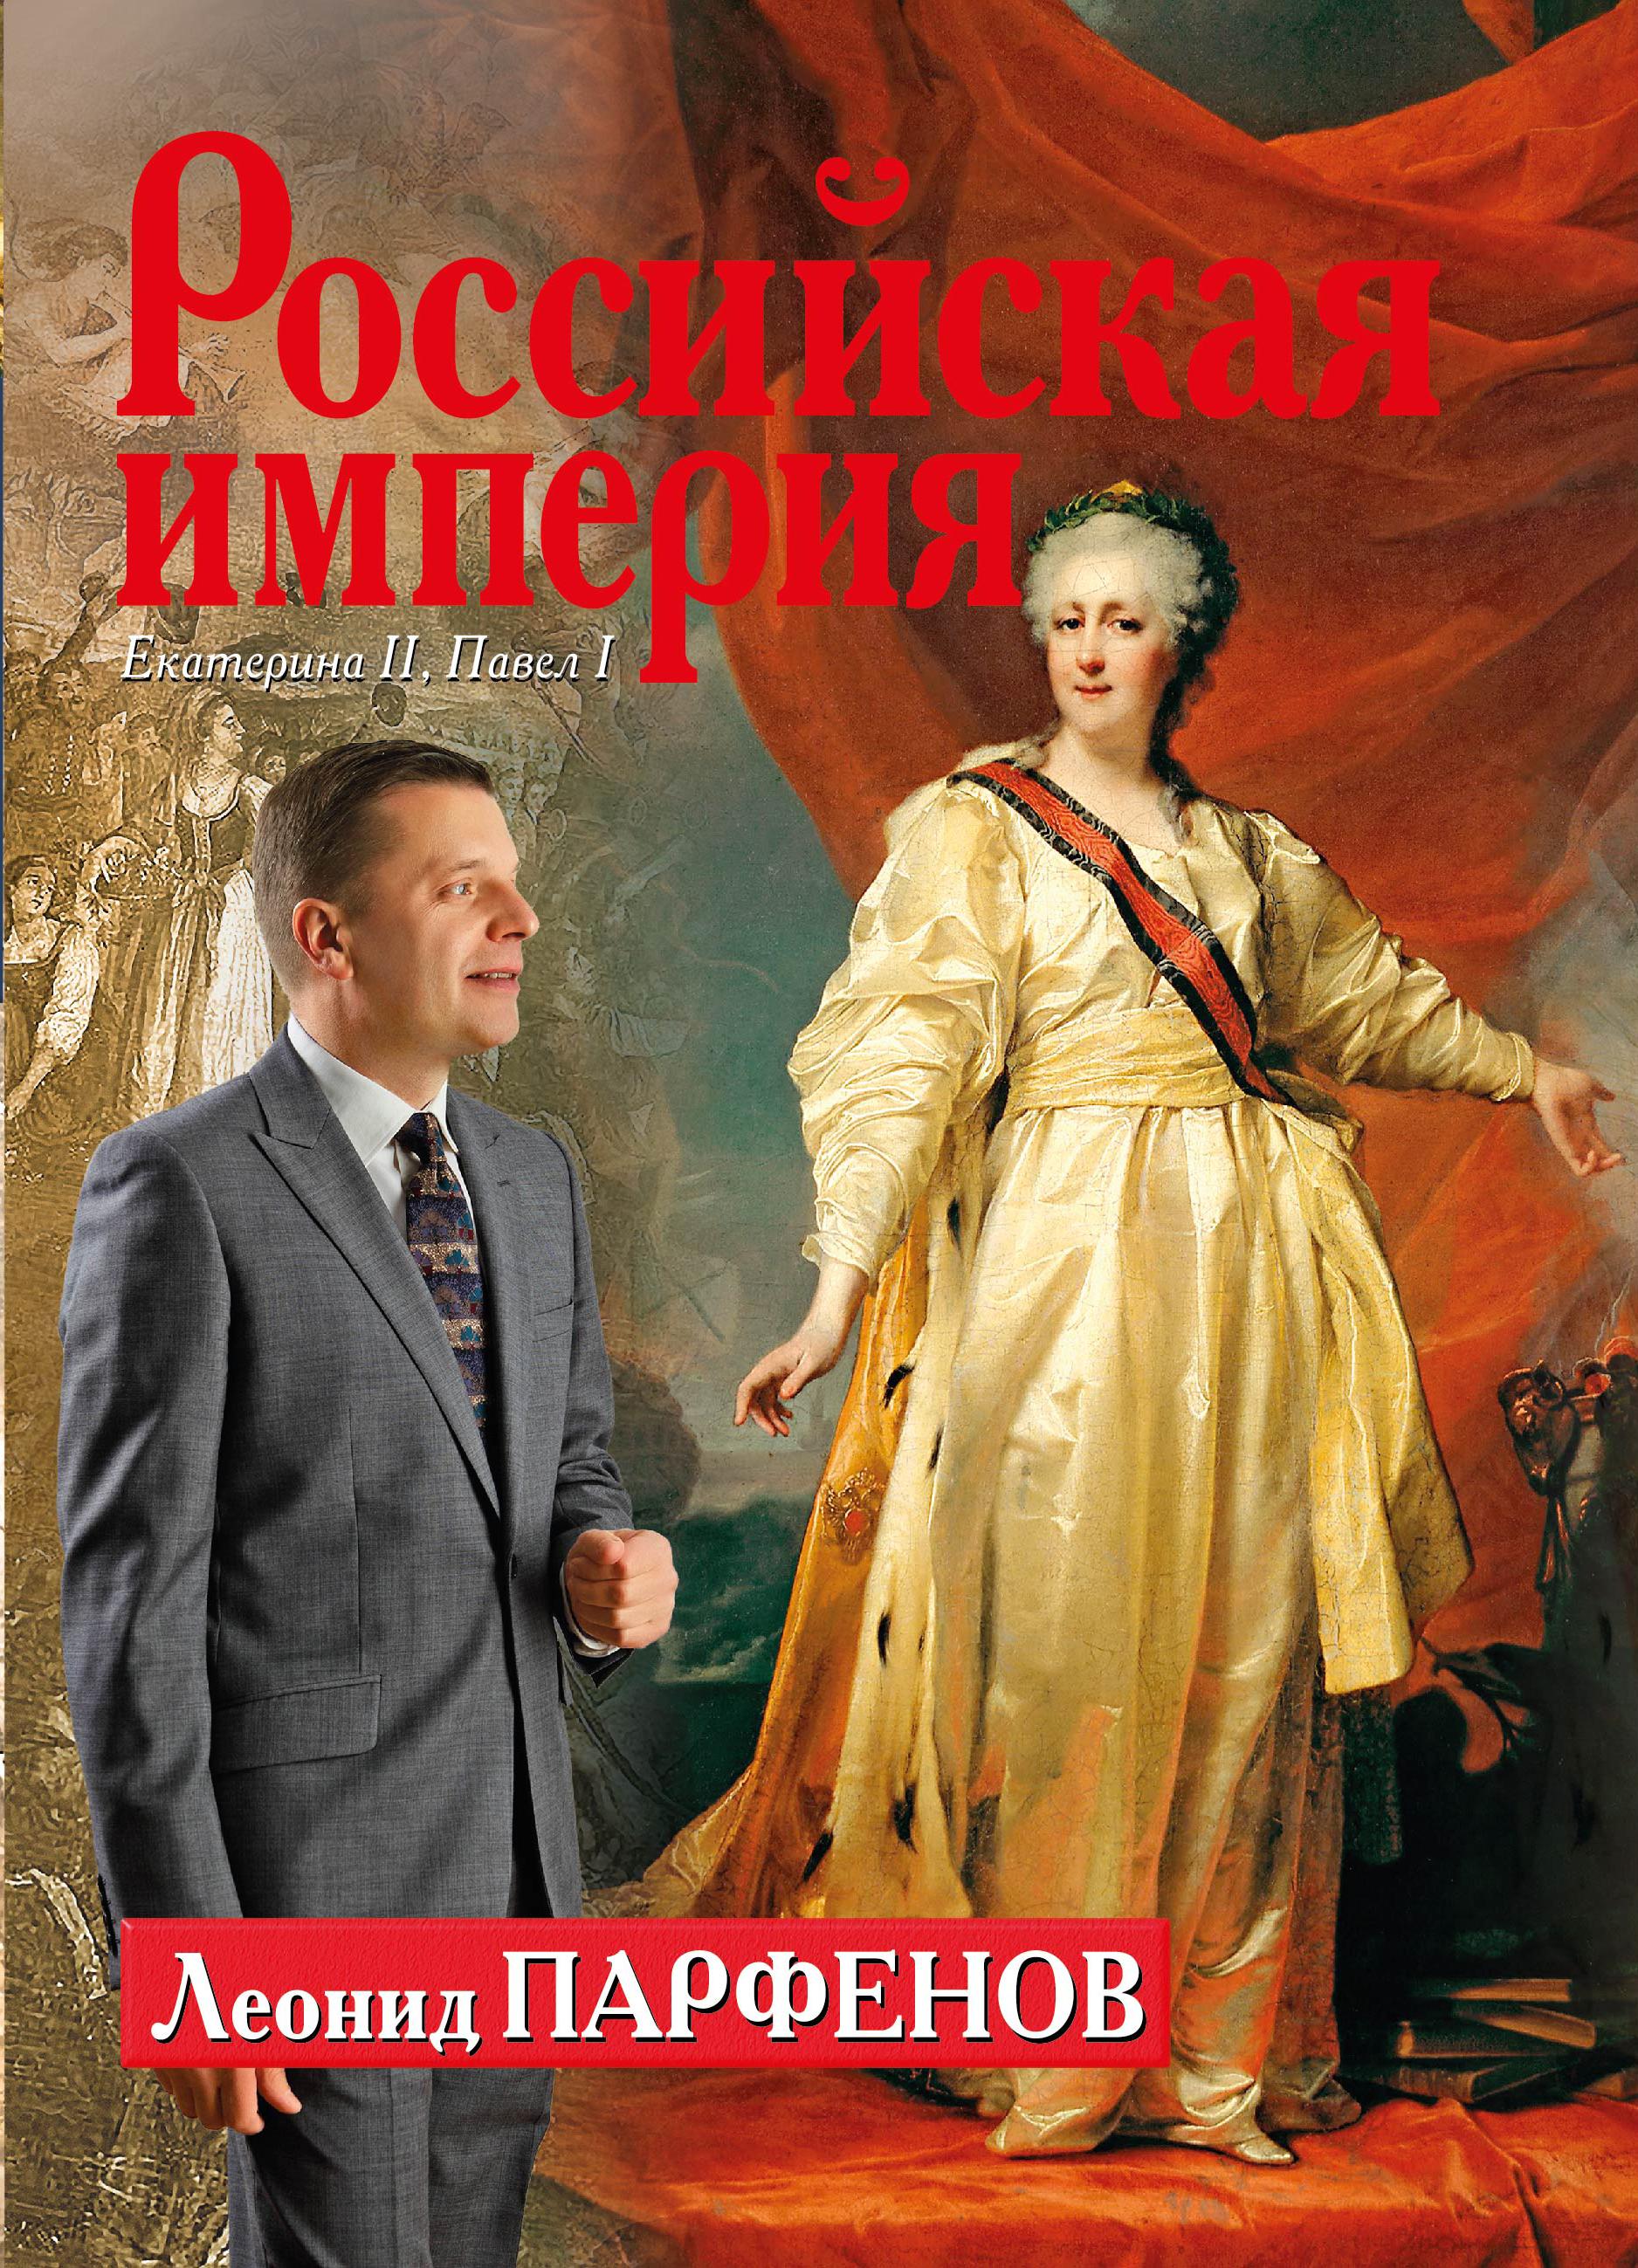 Российская империя: Екатерина II, Павел I